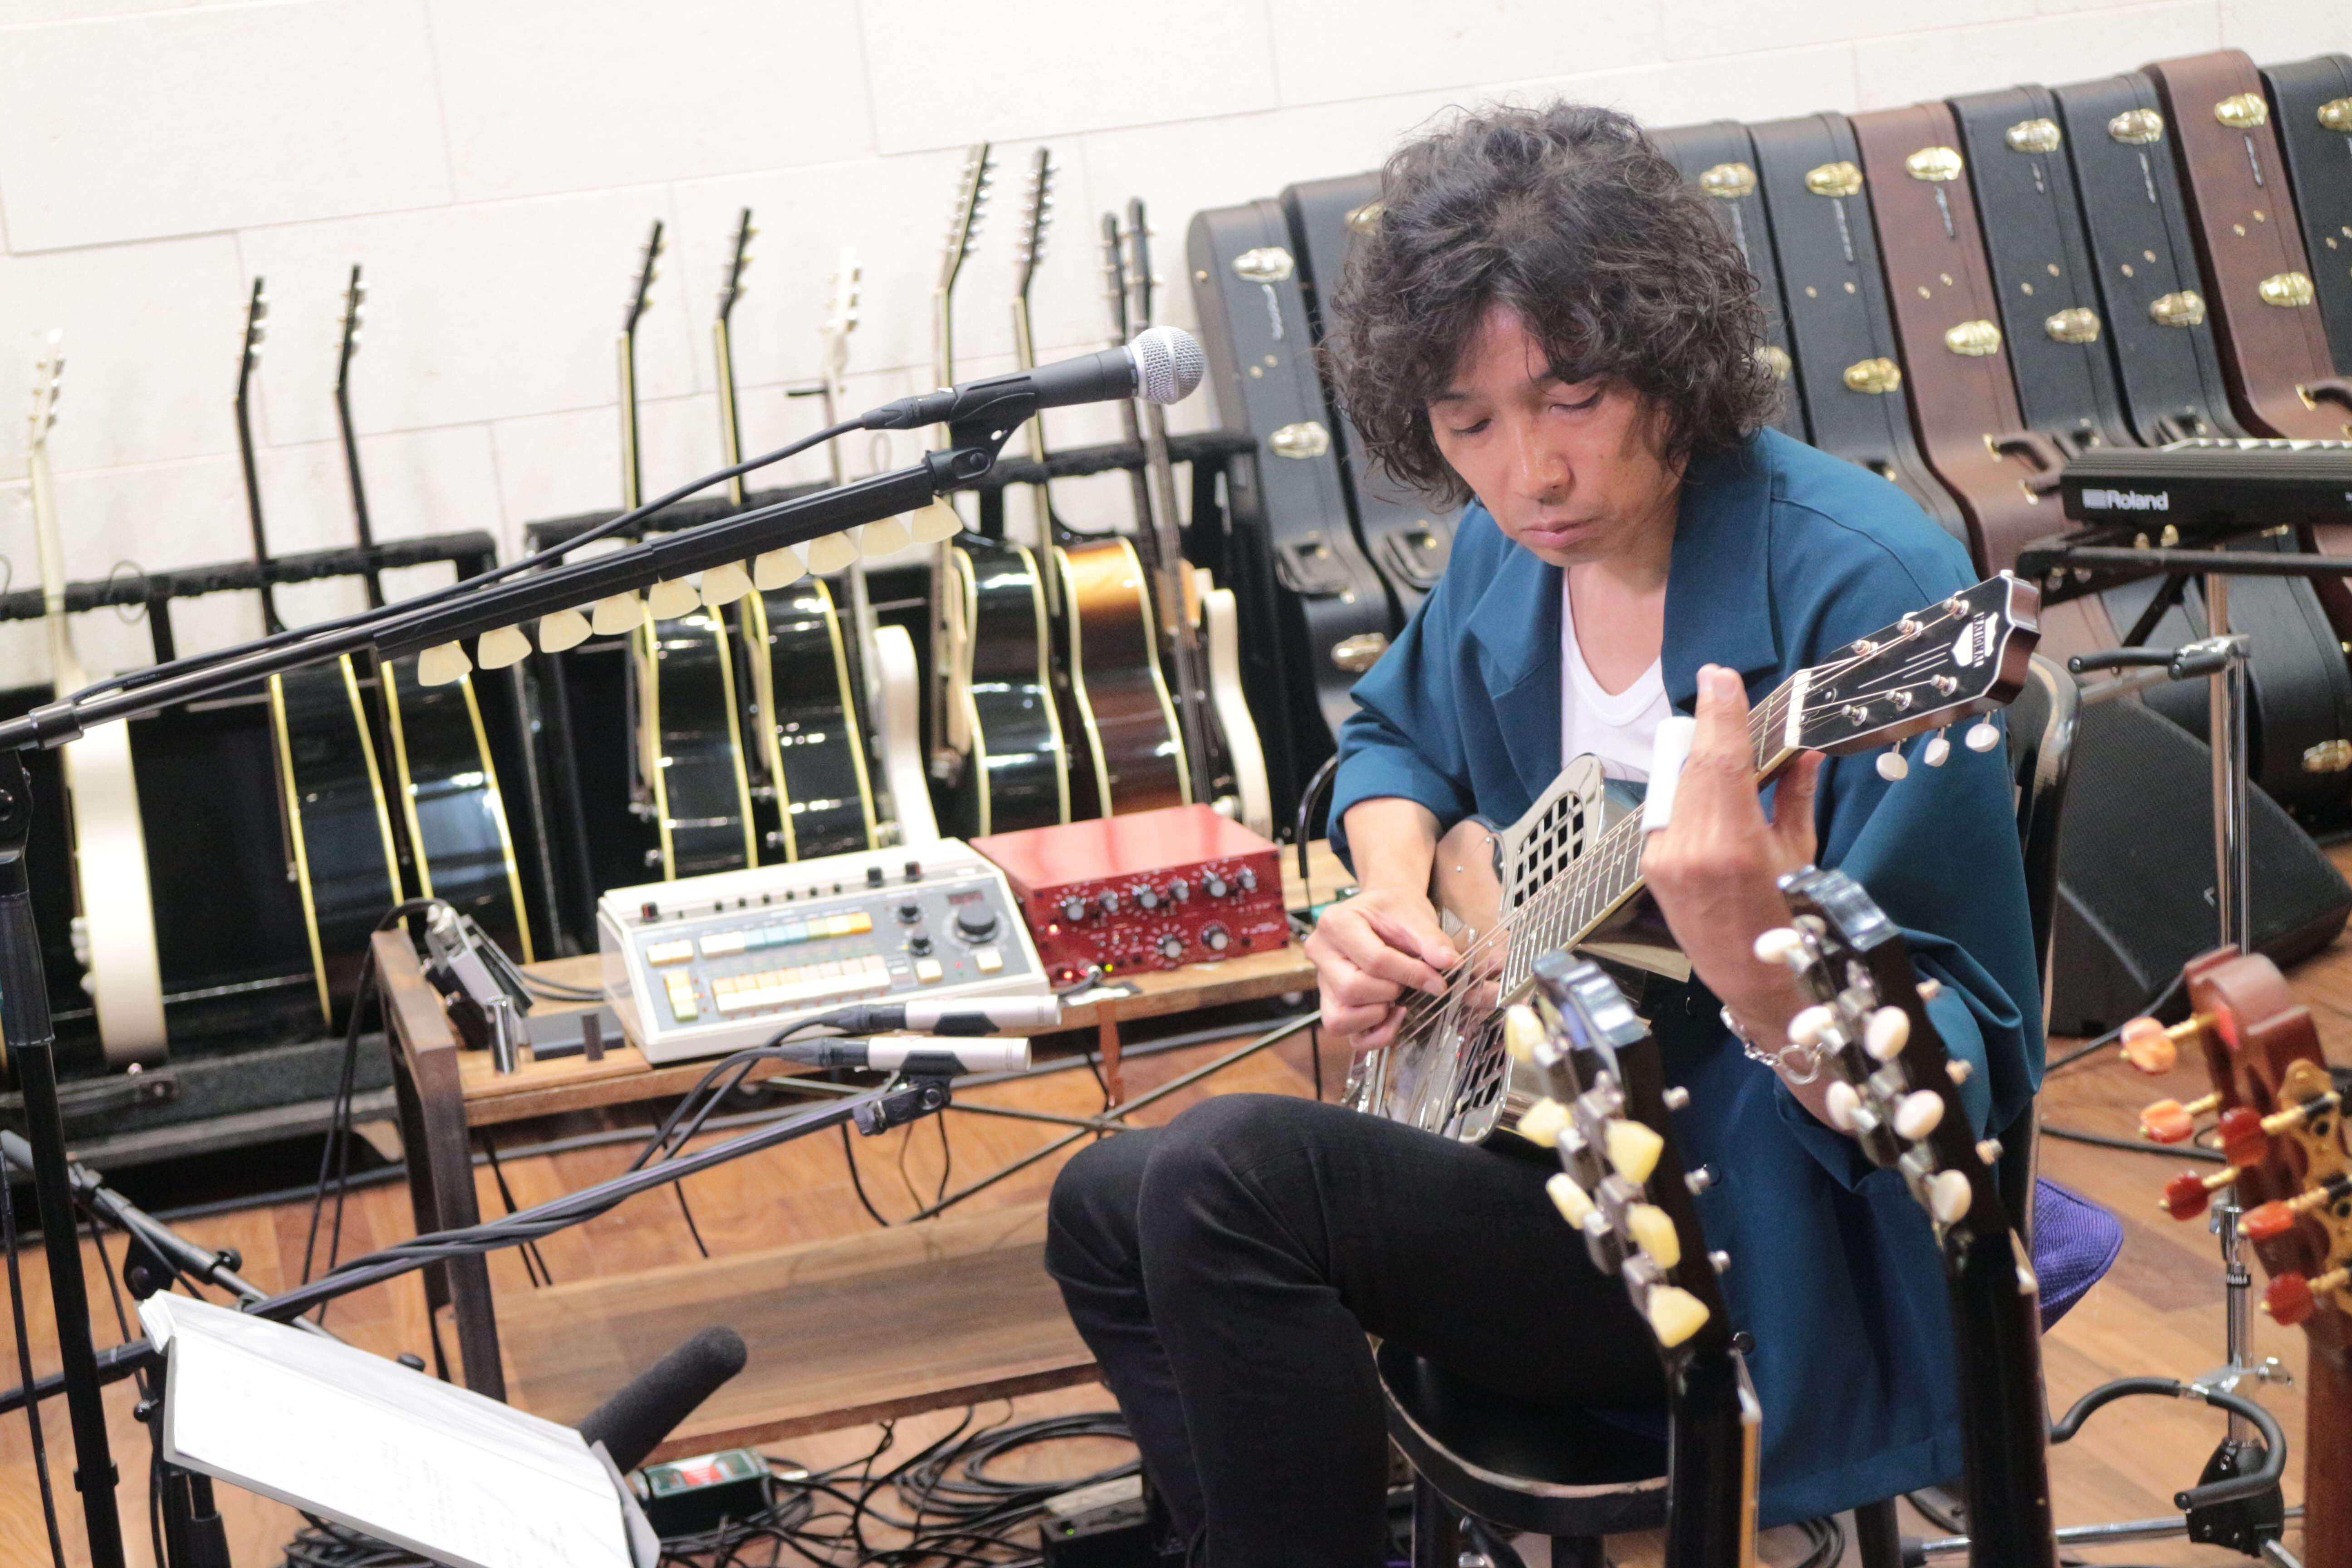 斉藤和義本人が解説、自作ギターも紹介!弾き語りライブ「Time in the Garage」の裏側に迫る特番放送